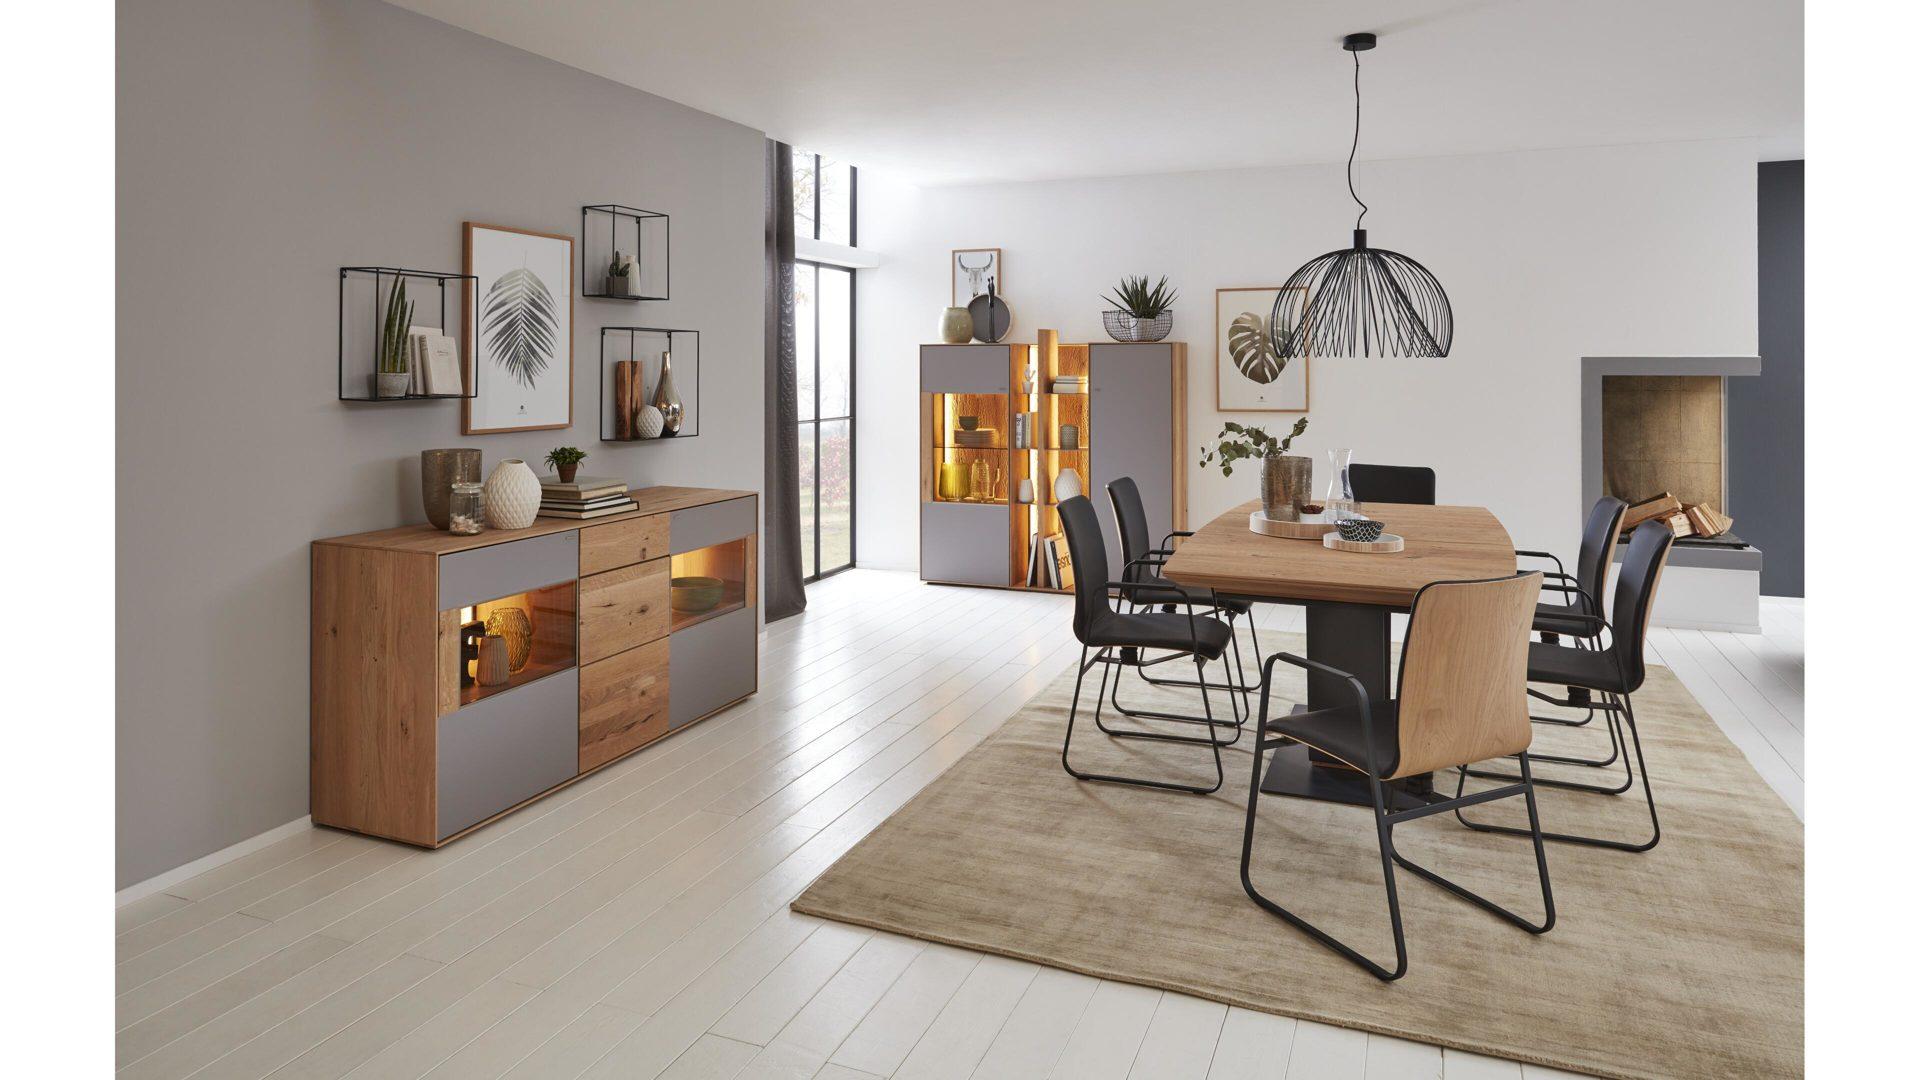 interliving wohnzimmer serie 2001 ausziehtisch esstisch 360 ansicht